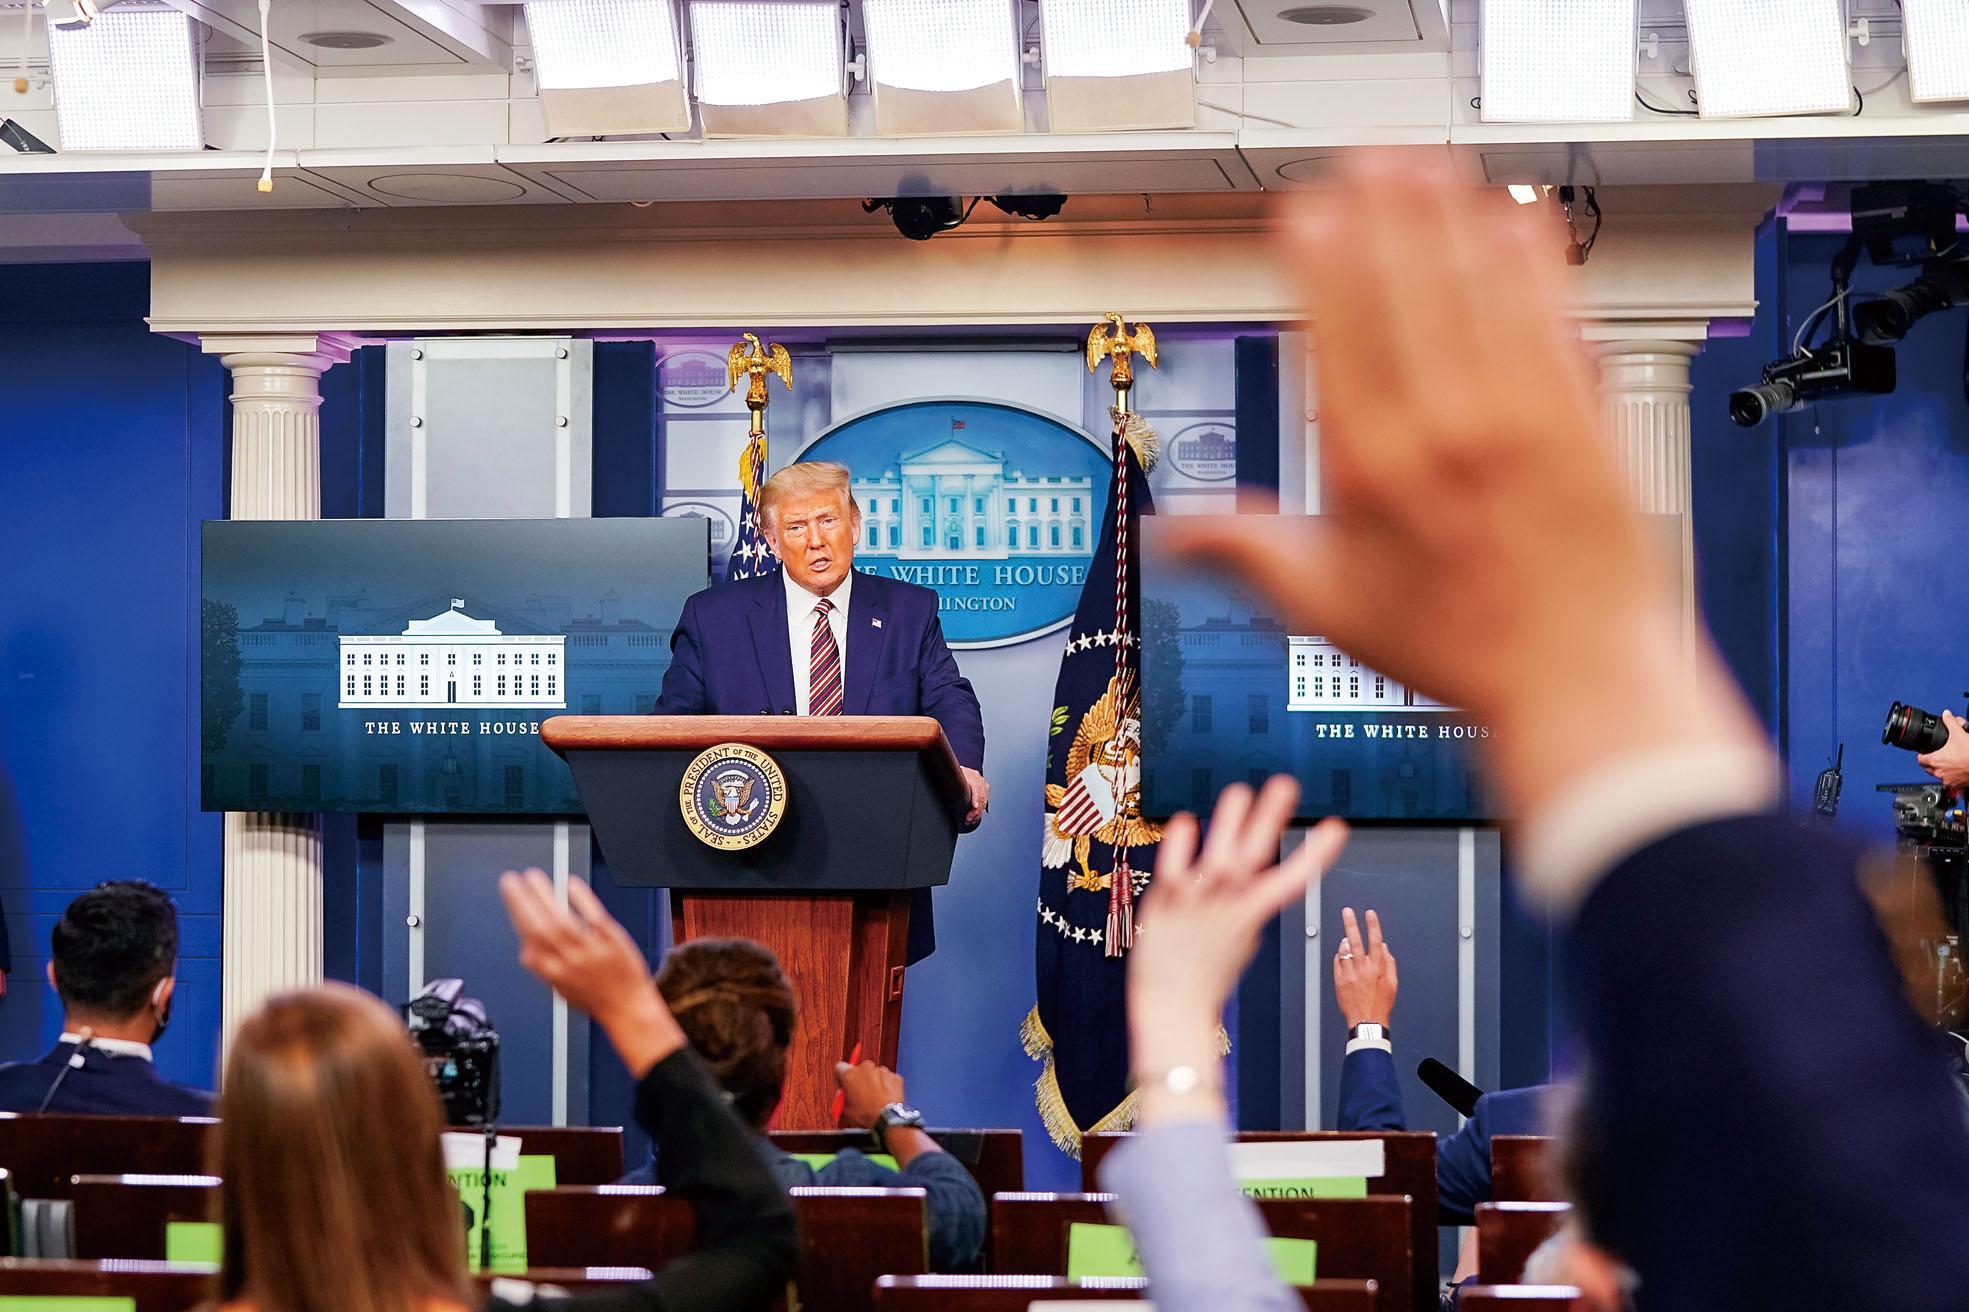 由於美國總統大選首場辯論即將舉行,特朗普的納稅情況備受關注,他27日反駁時堅稱自己有納稅,報道純粹是假新聞,但未有透露更多細節。路透社